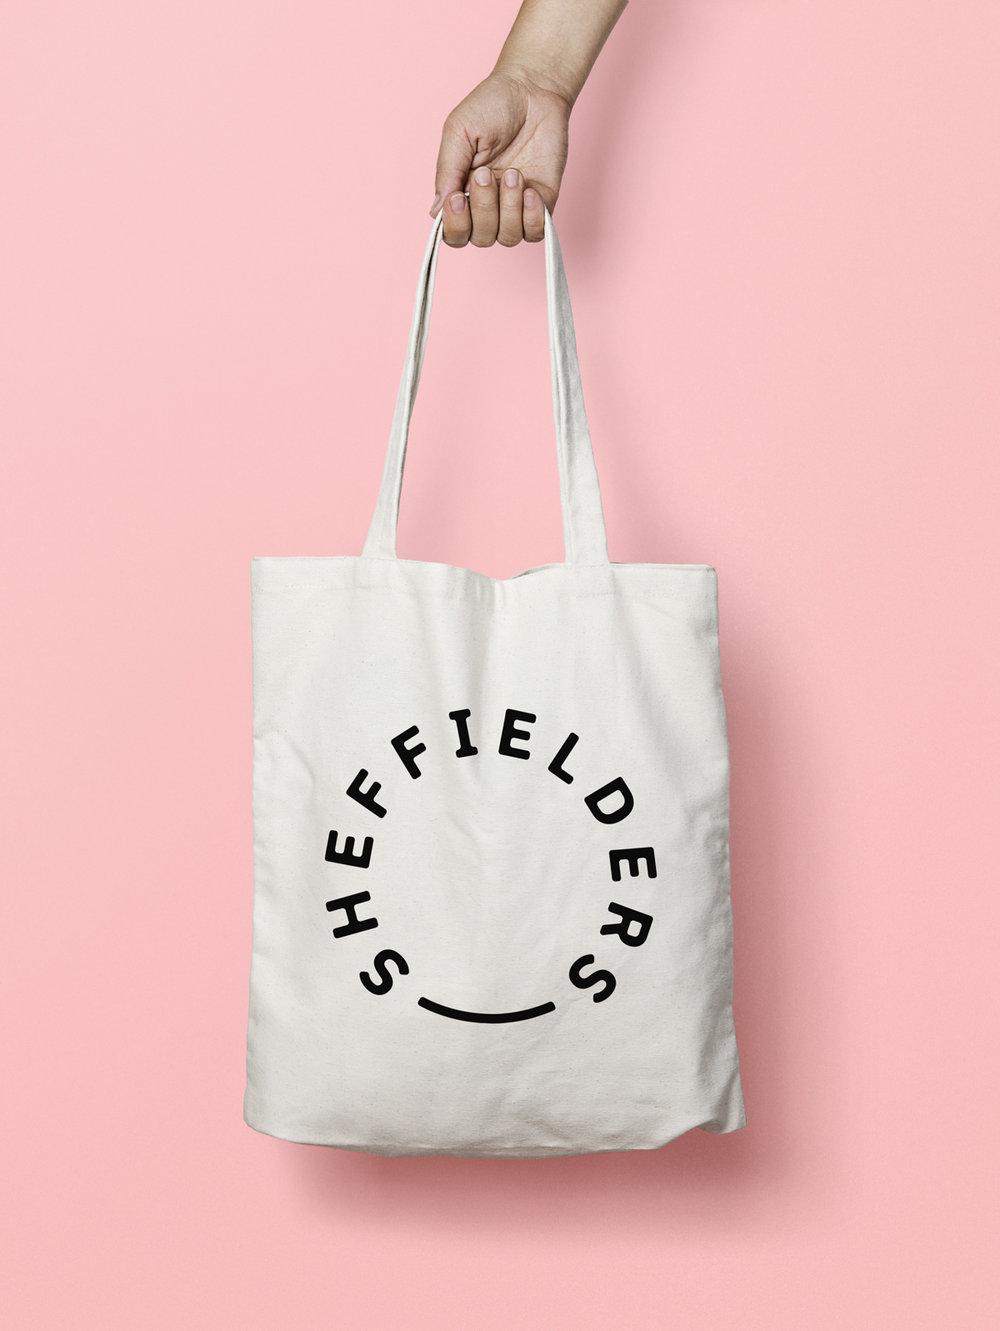 Sheffielders-Tote-Bag.jpg